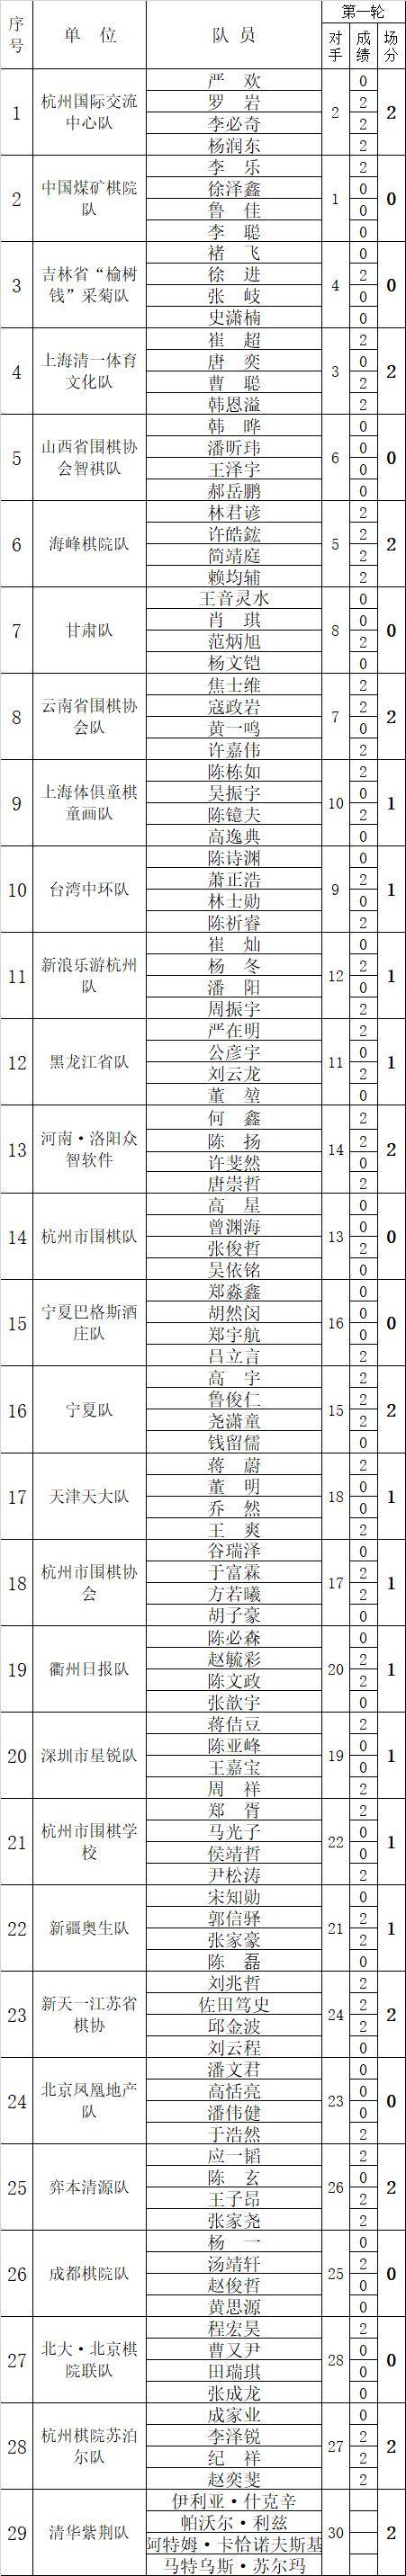 雷州19人轮一女子_全国围棋团体赛男子围乙/男丙/女子团体第1轮成绩